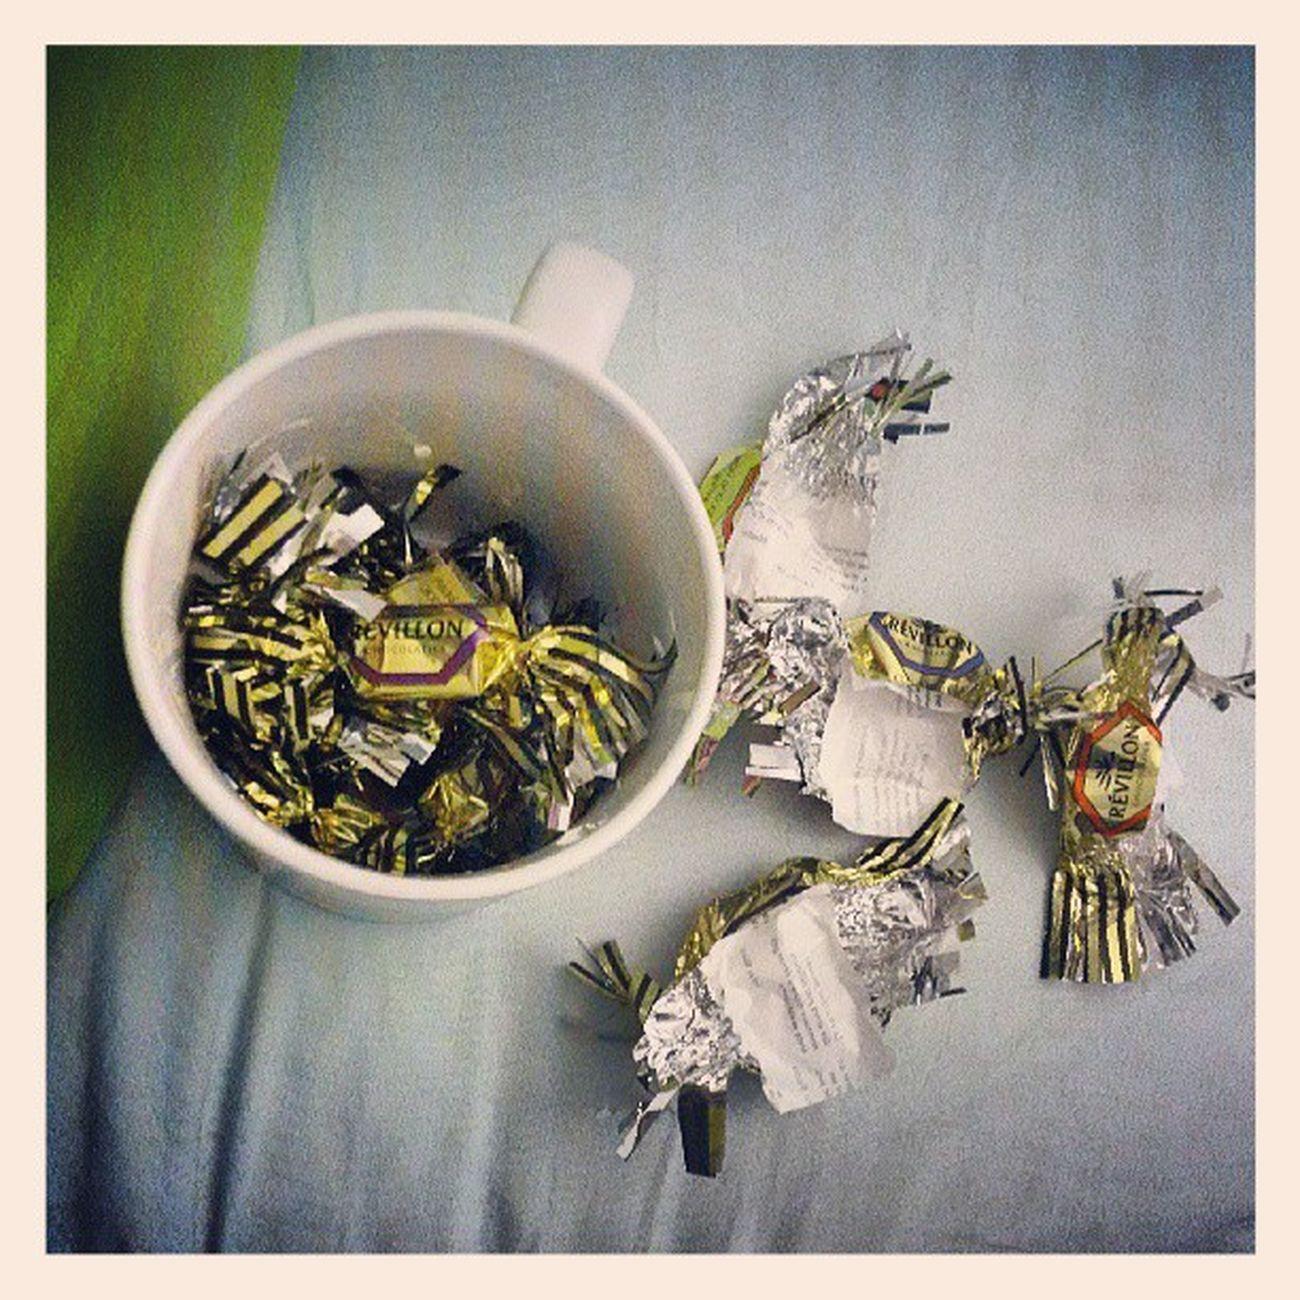 Chocolats de la nouvelle année Chocolat Chocolatrevillon Révillon